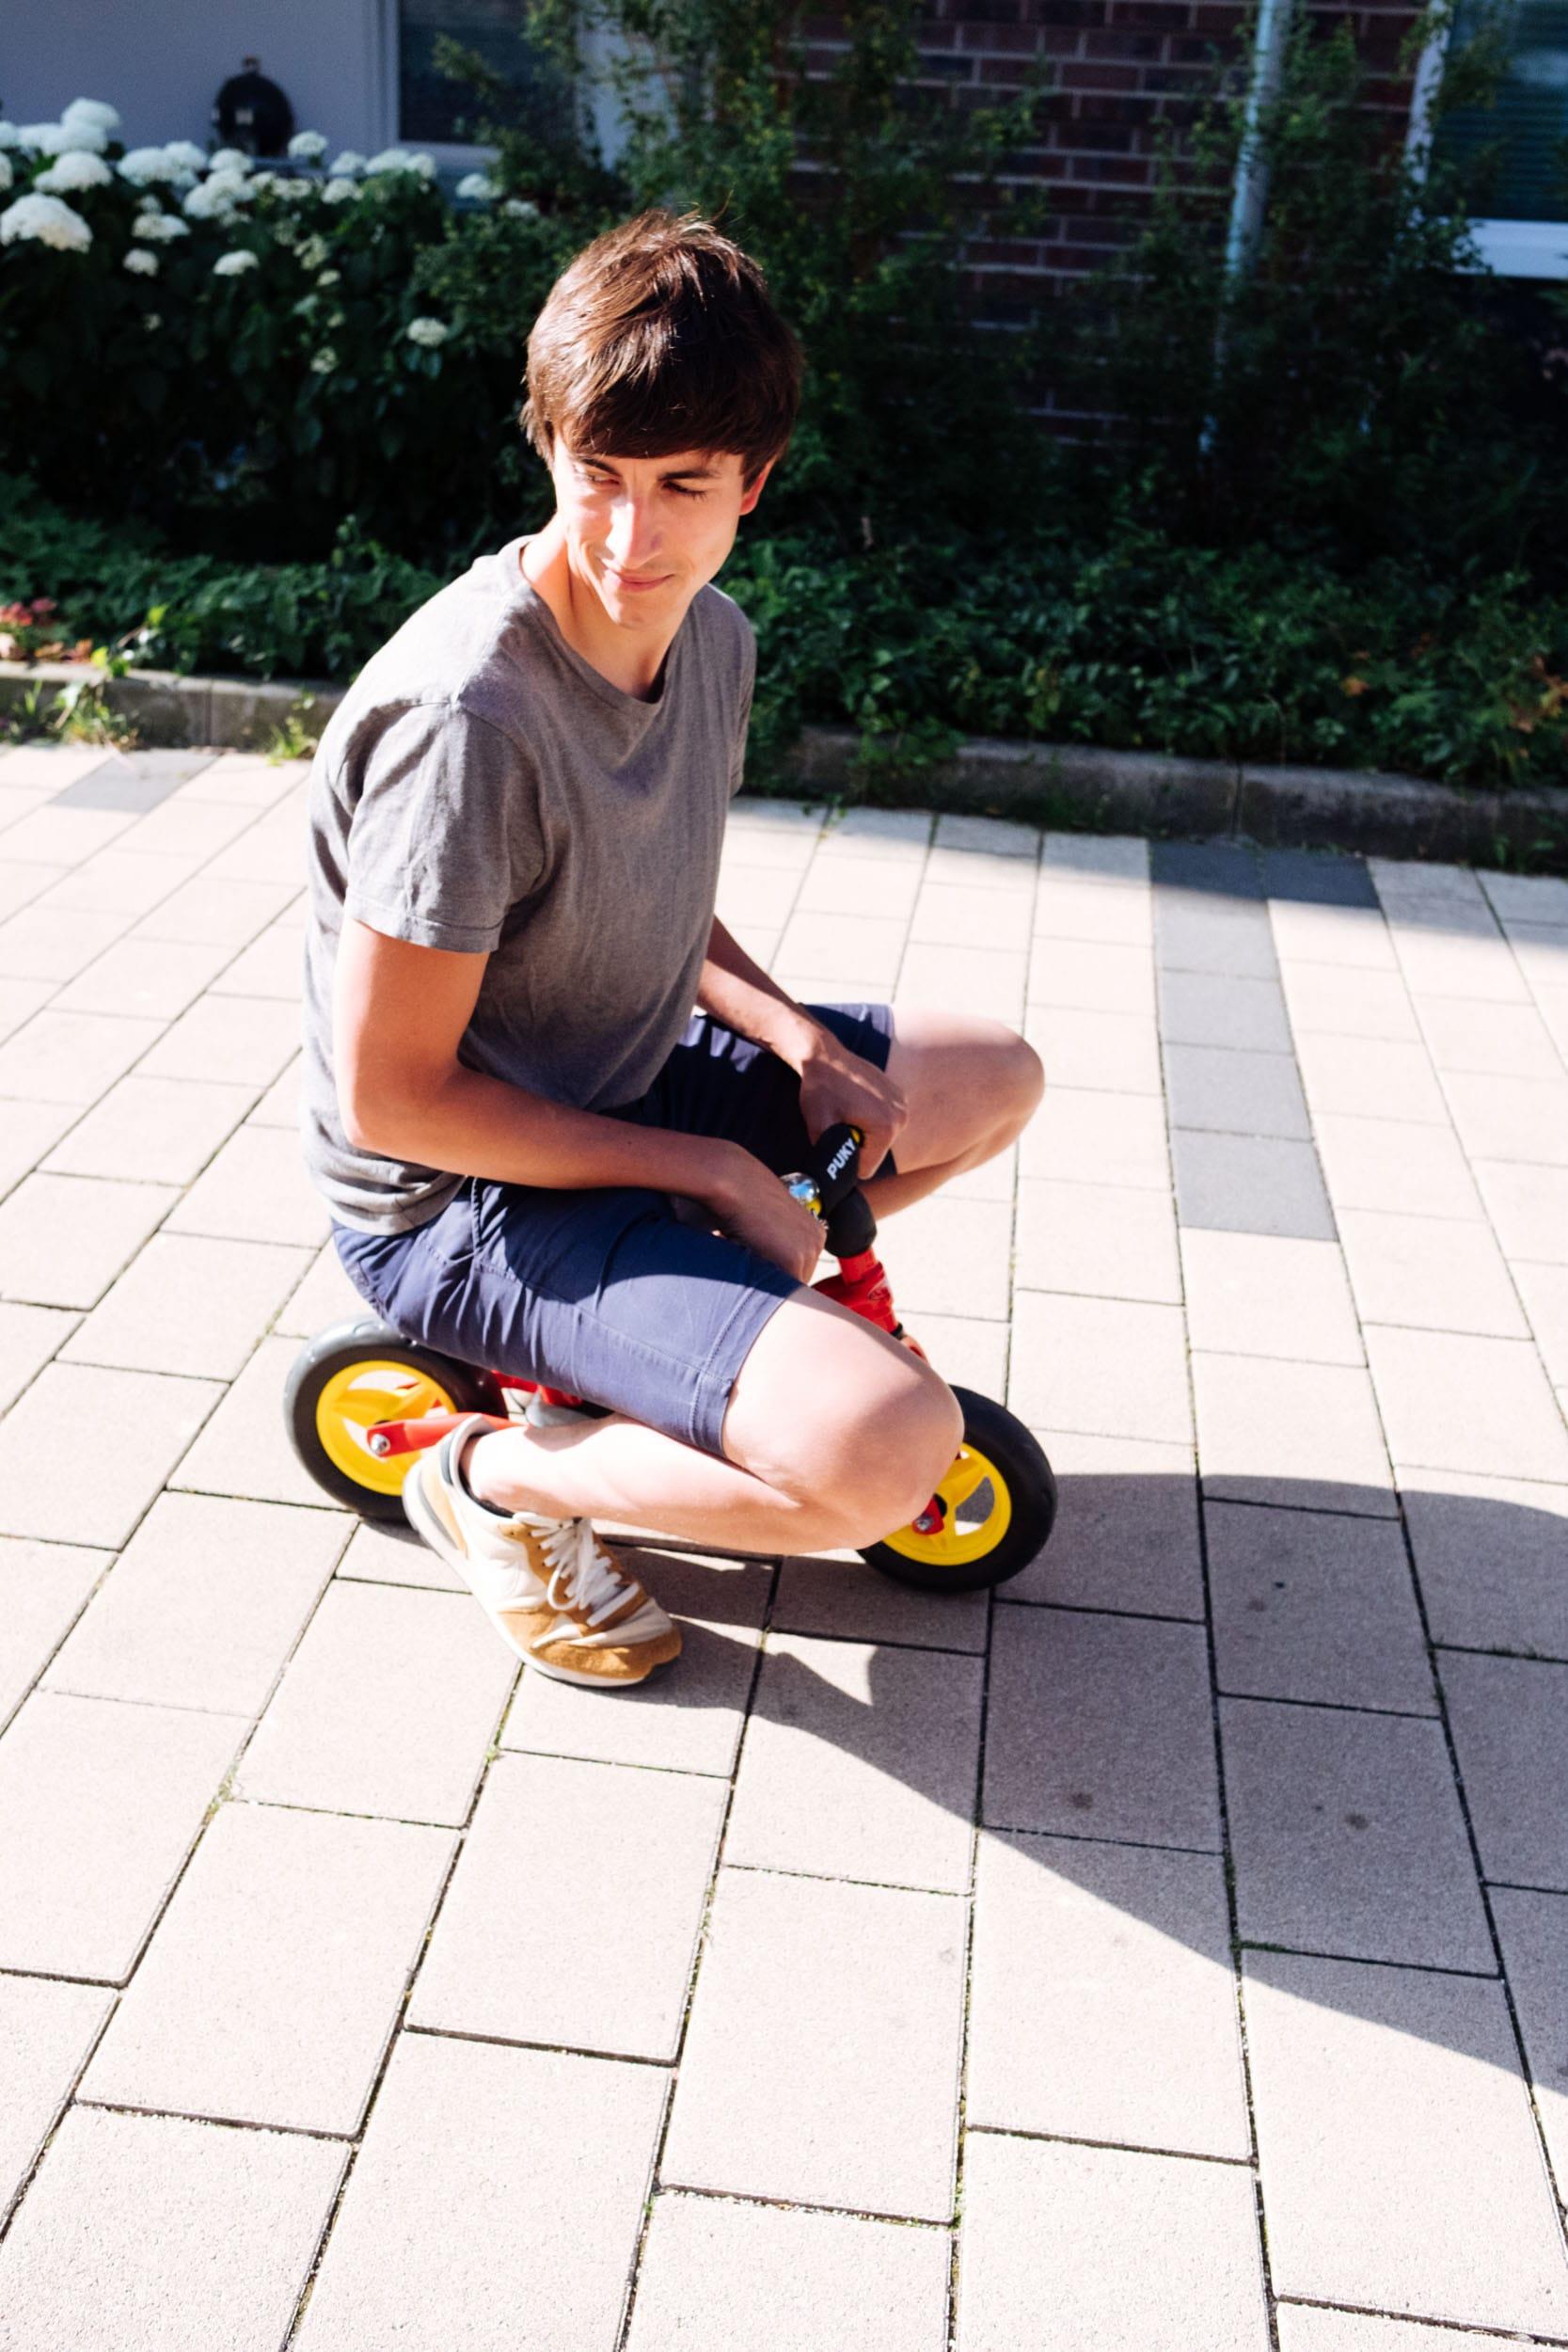 Familiensonntag | Unterwegs mit Fußball und Laufrad | Papa auf dem Puky